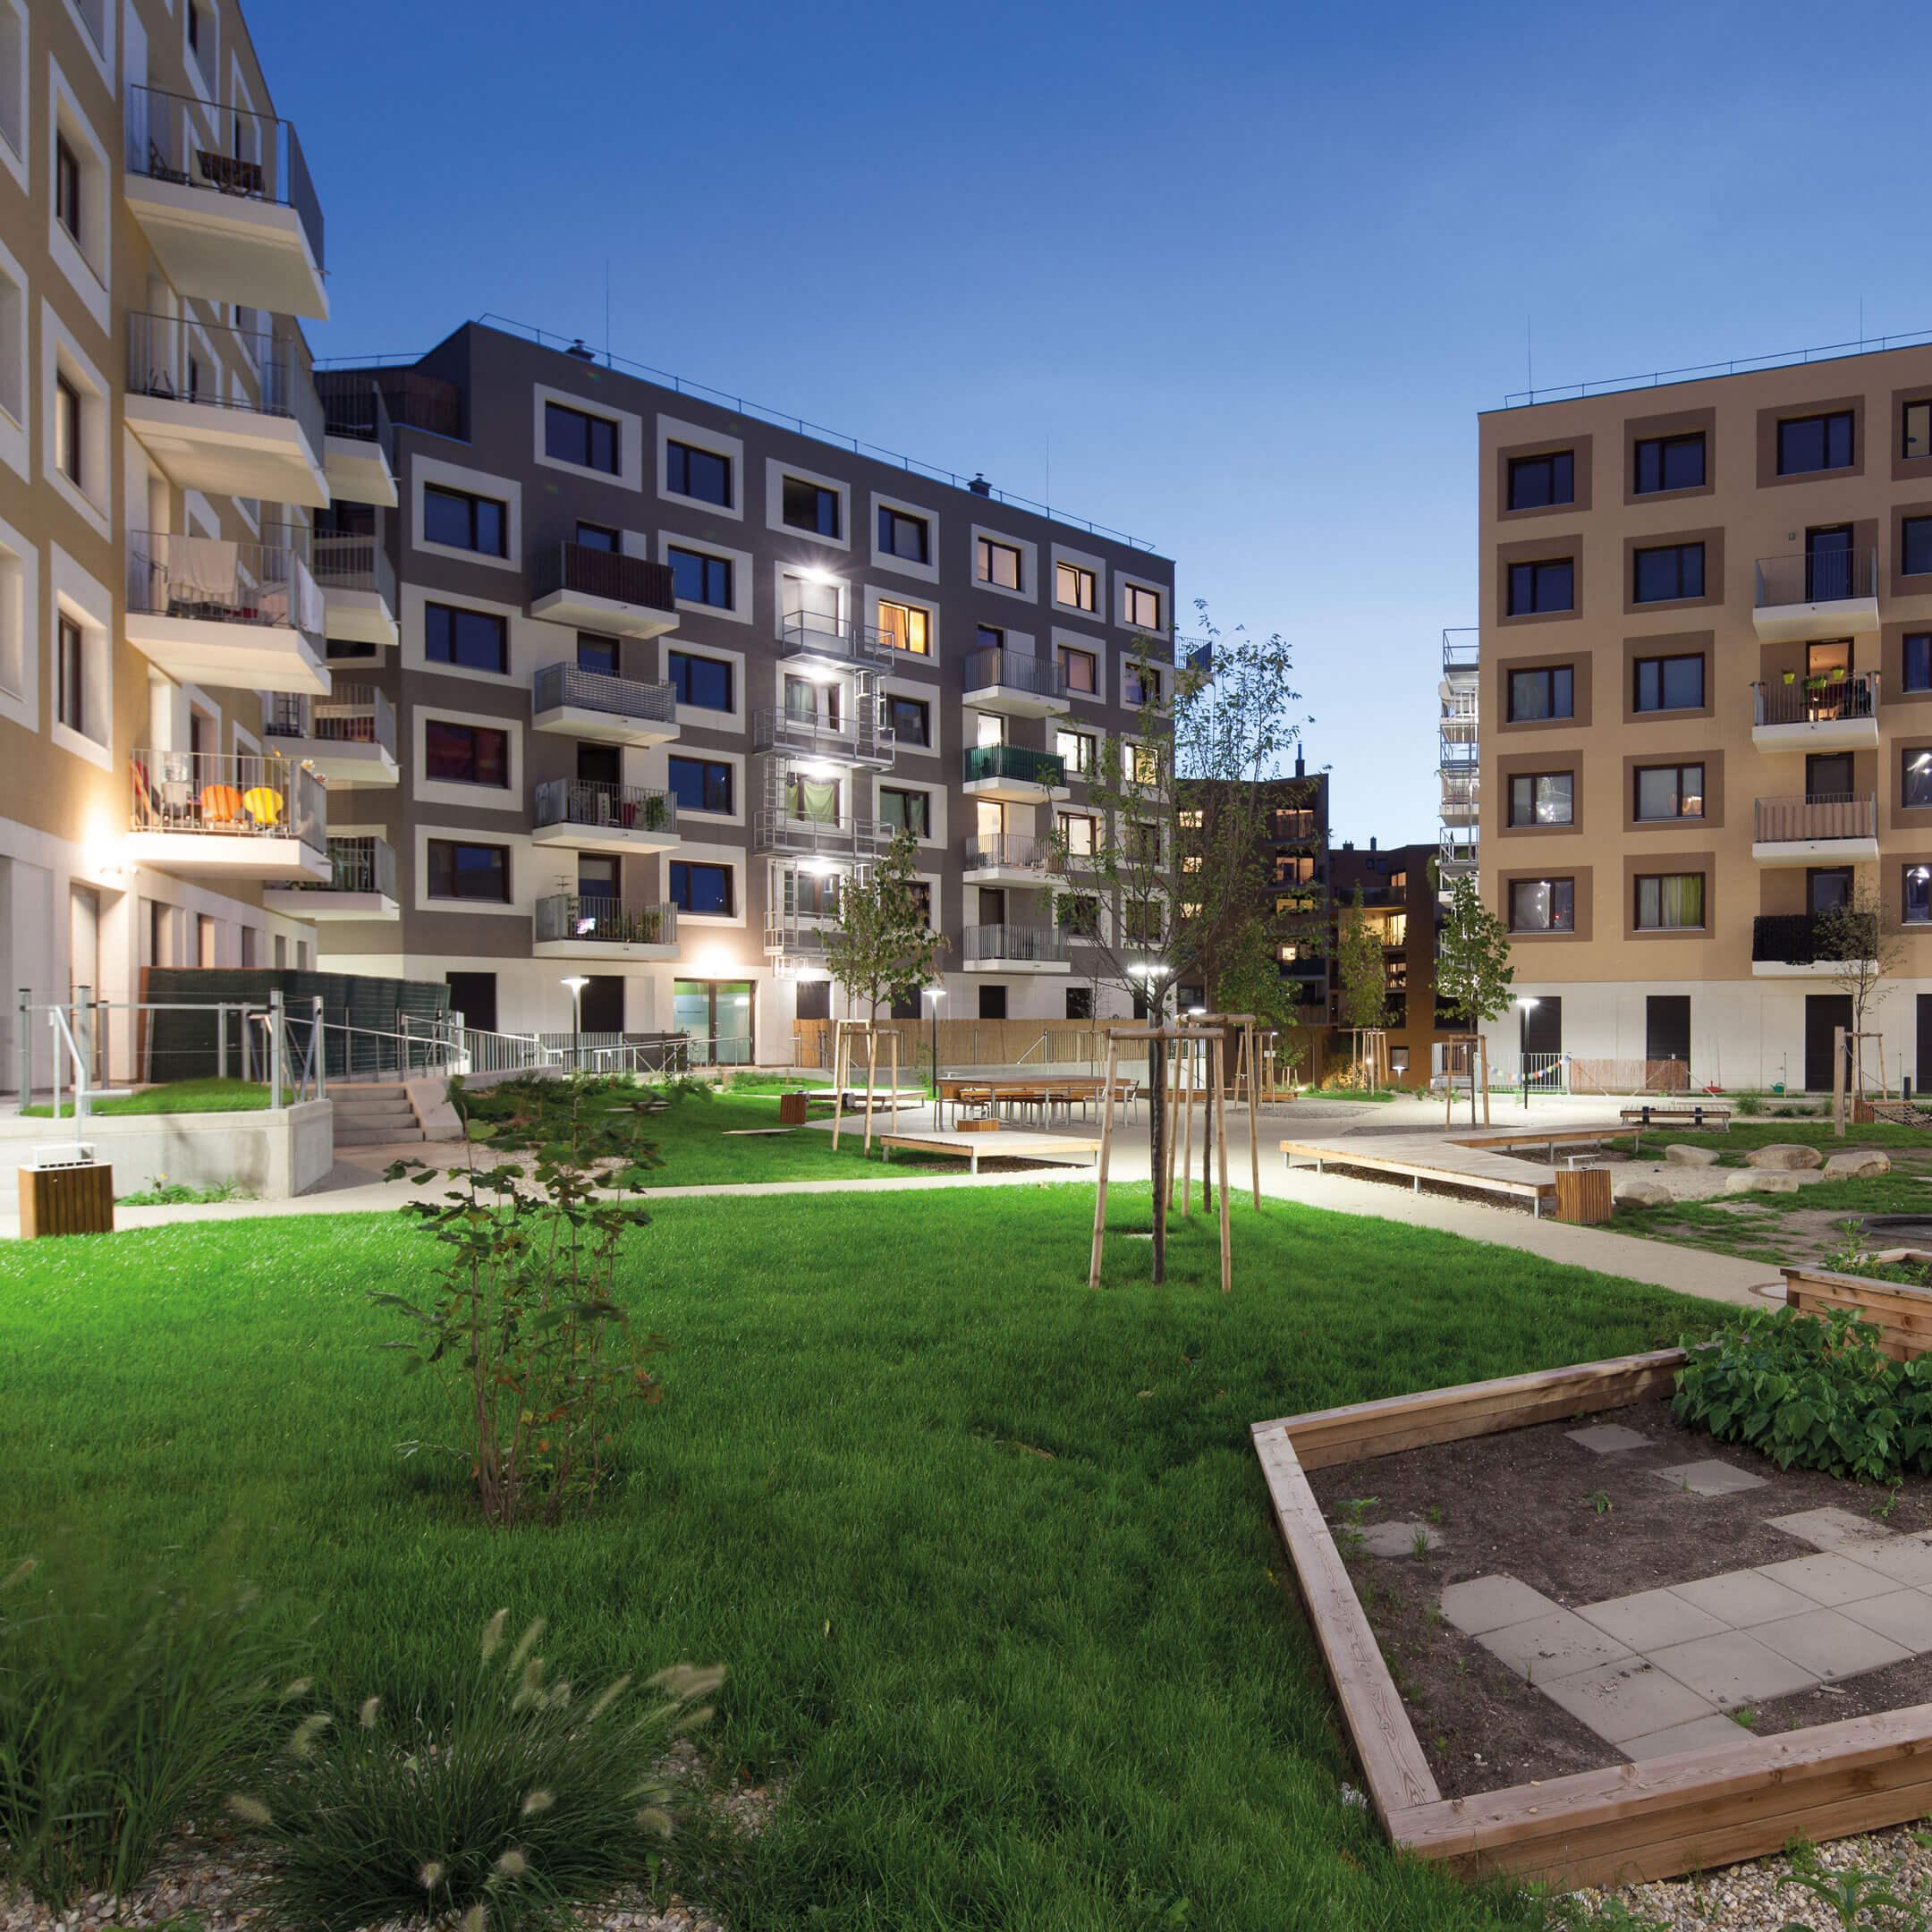 Noční pohled na rezidenční projekt: Dům pro život, Aspern, Rakousko